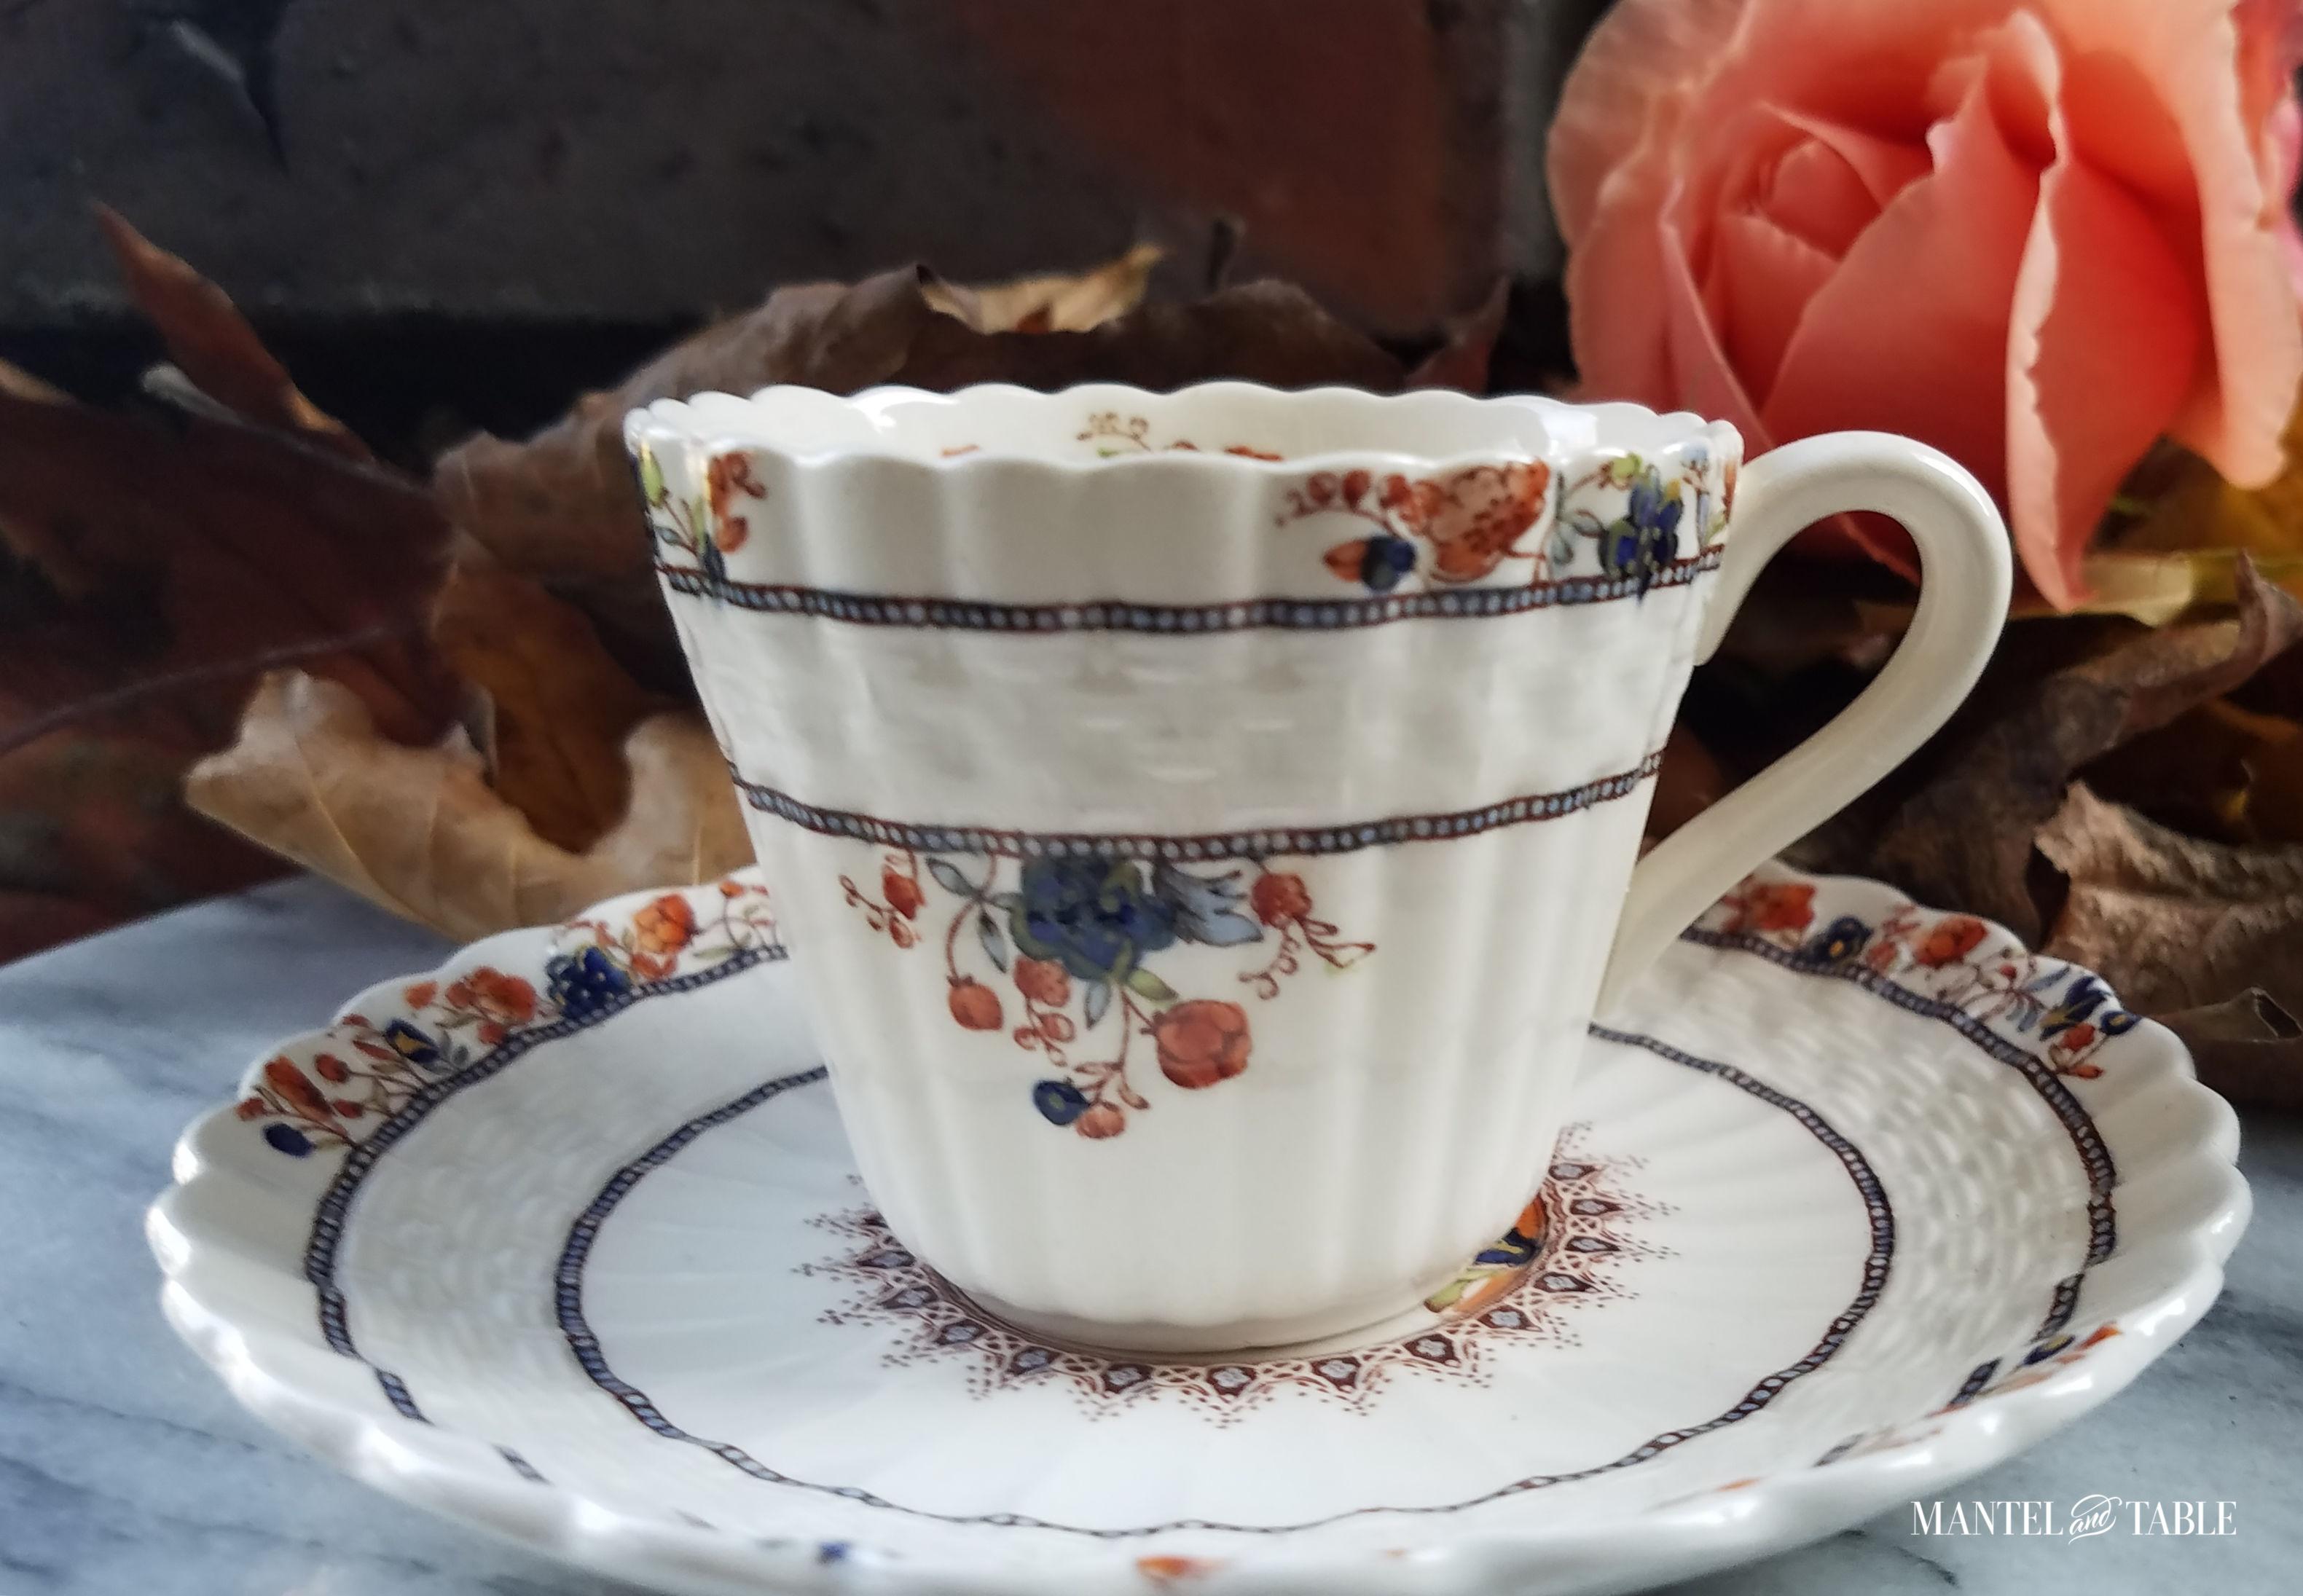 Teacup and saucer close up